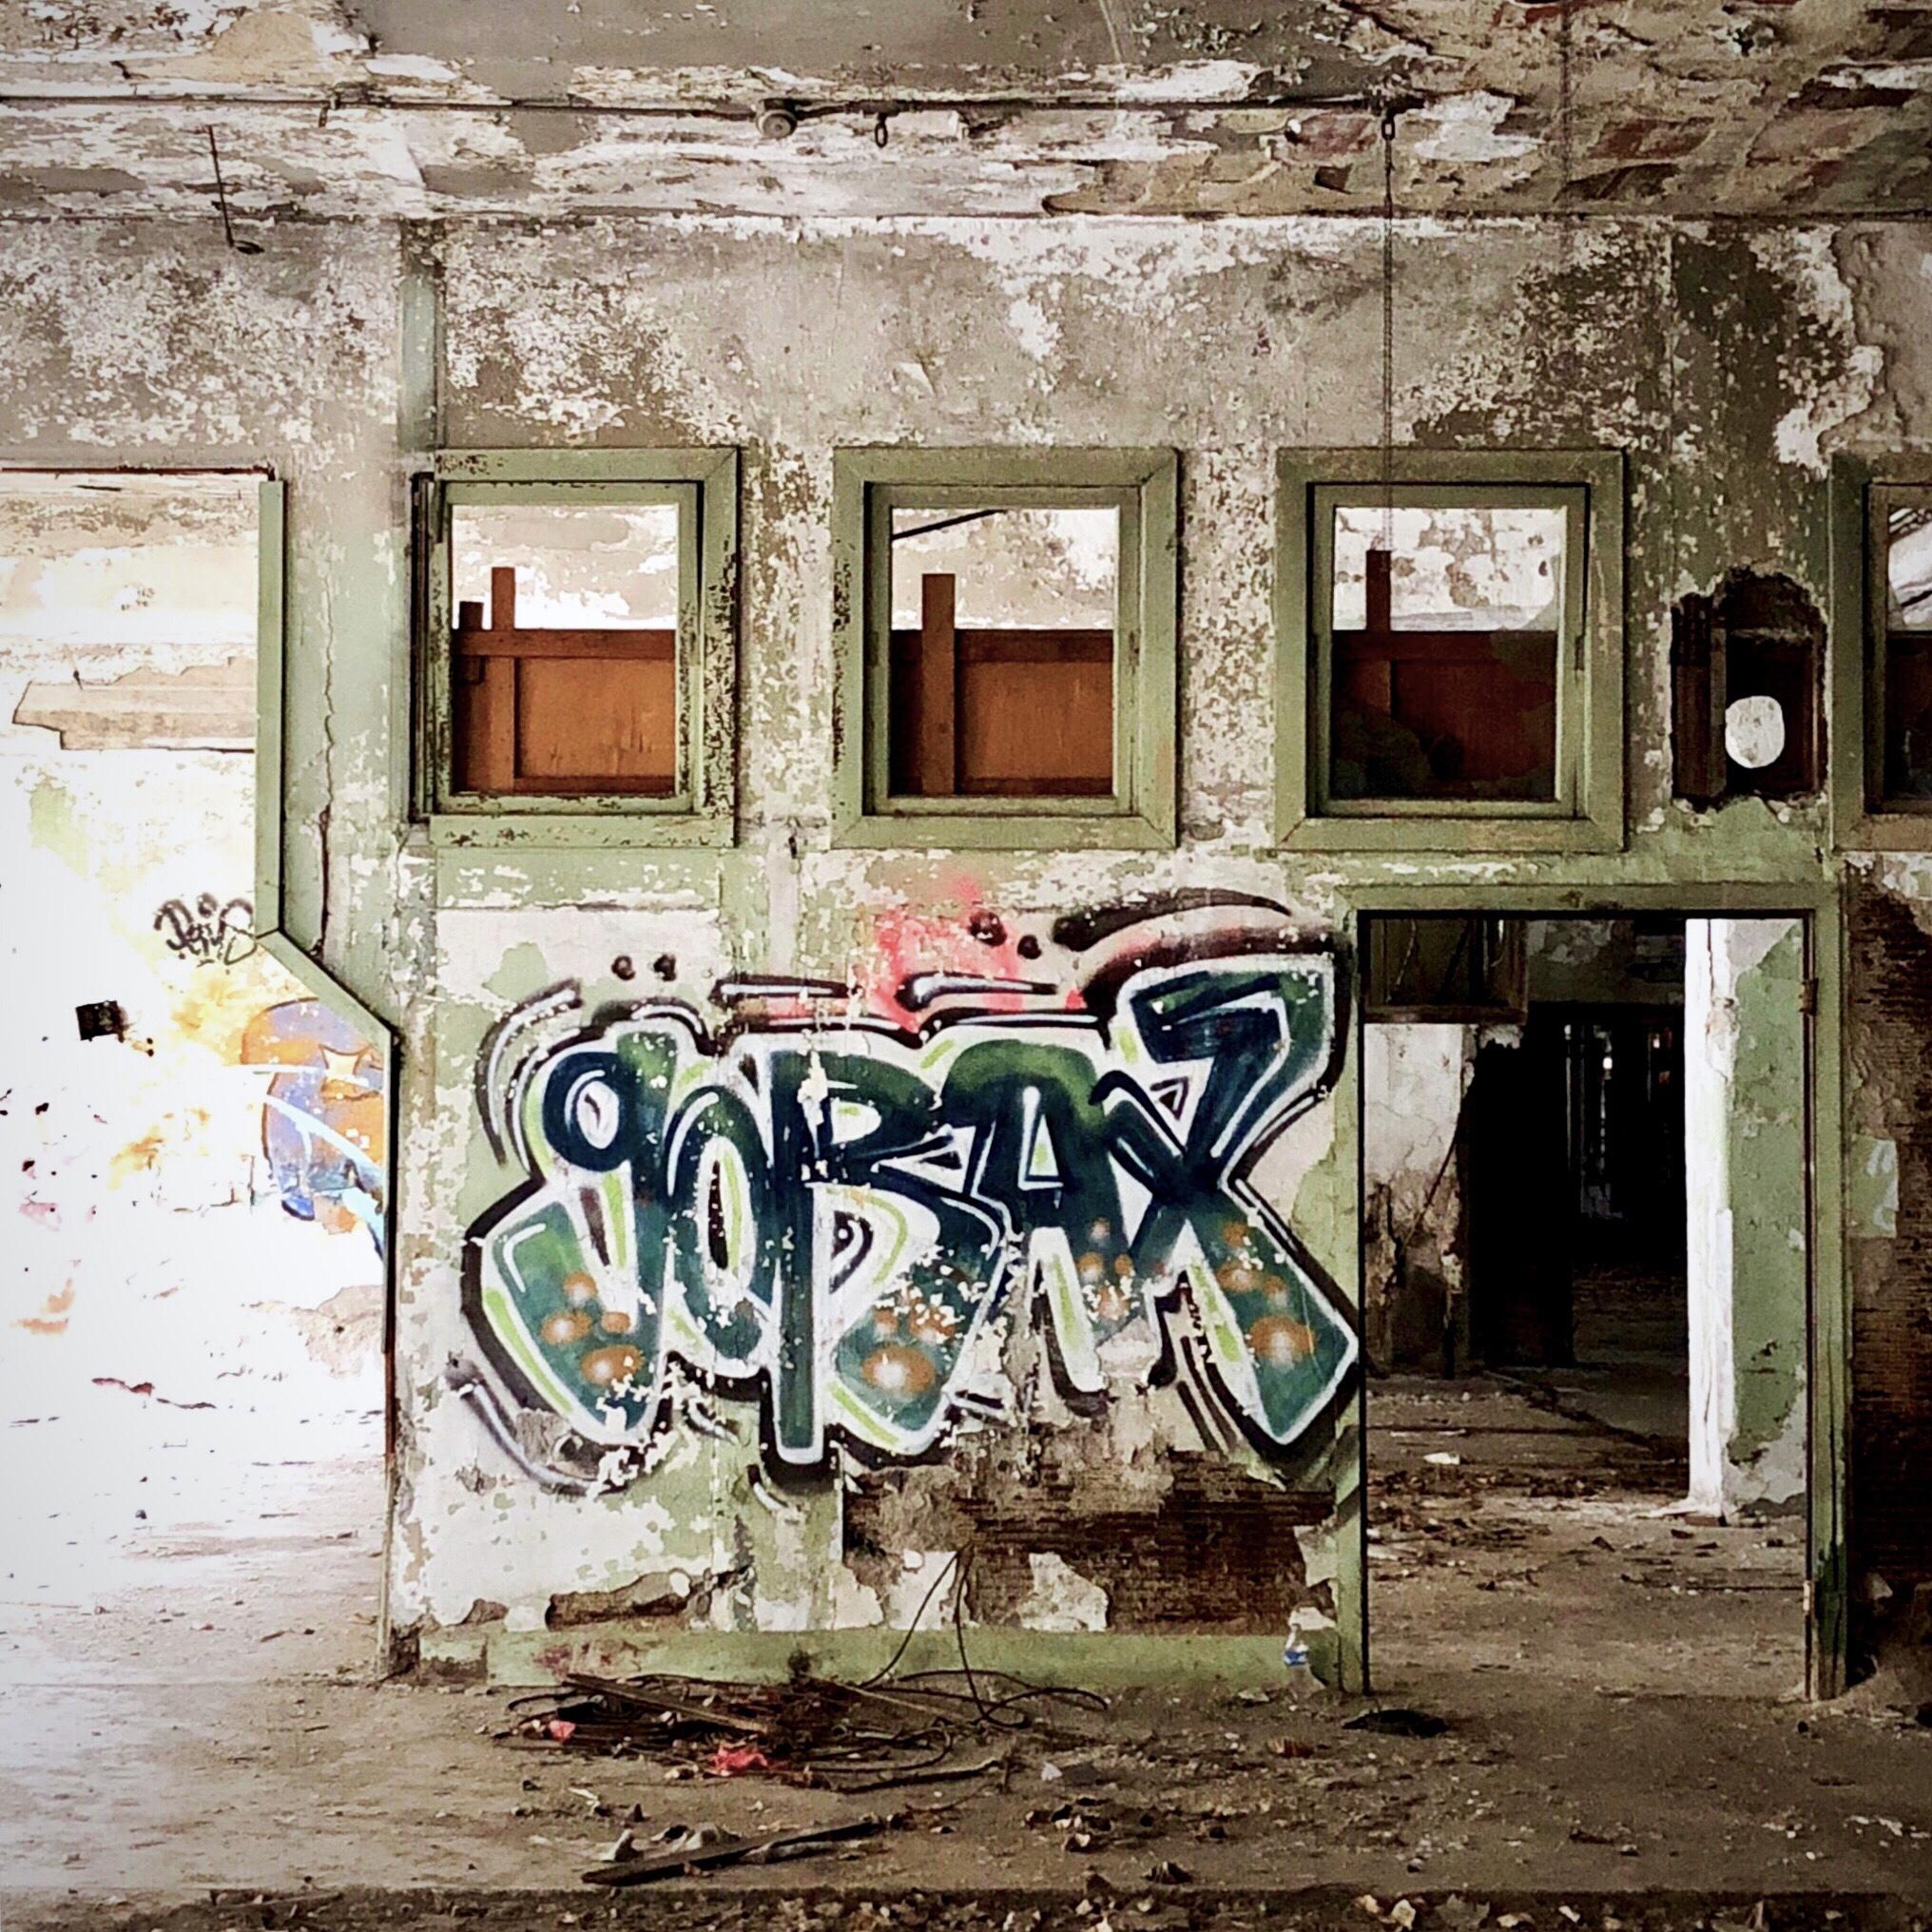 interieurs 3 - Les aventuriers de l'usine perdue